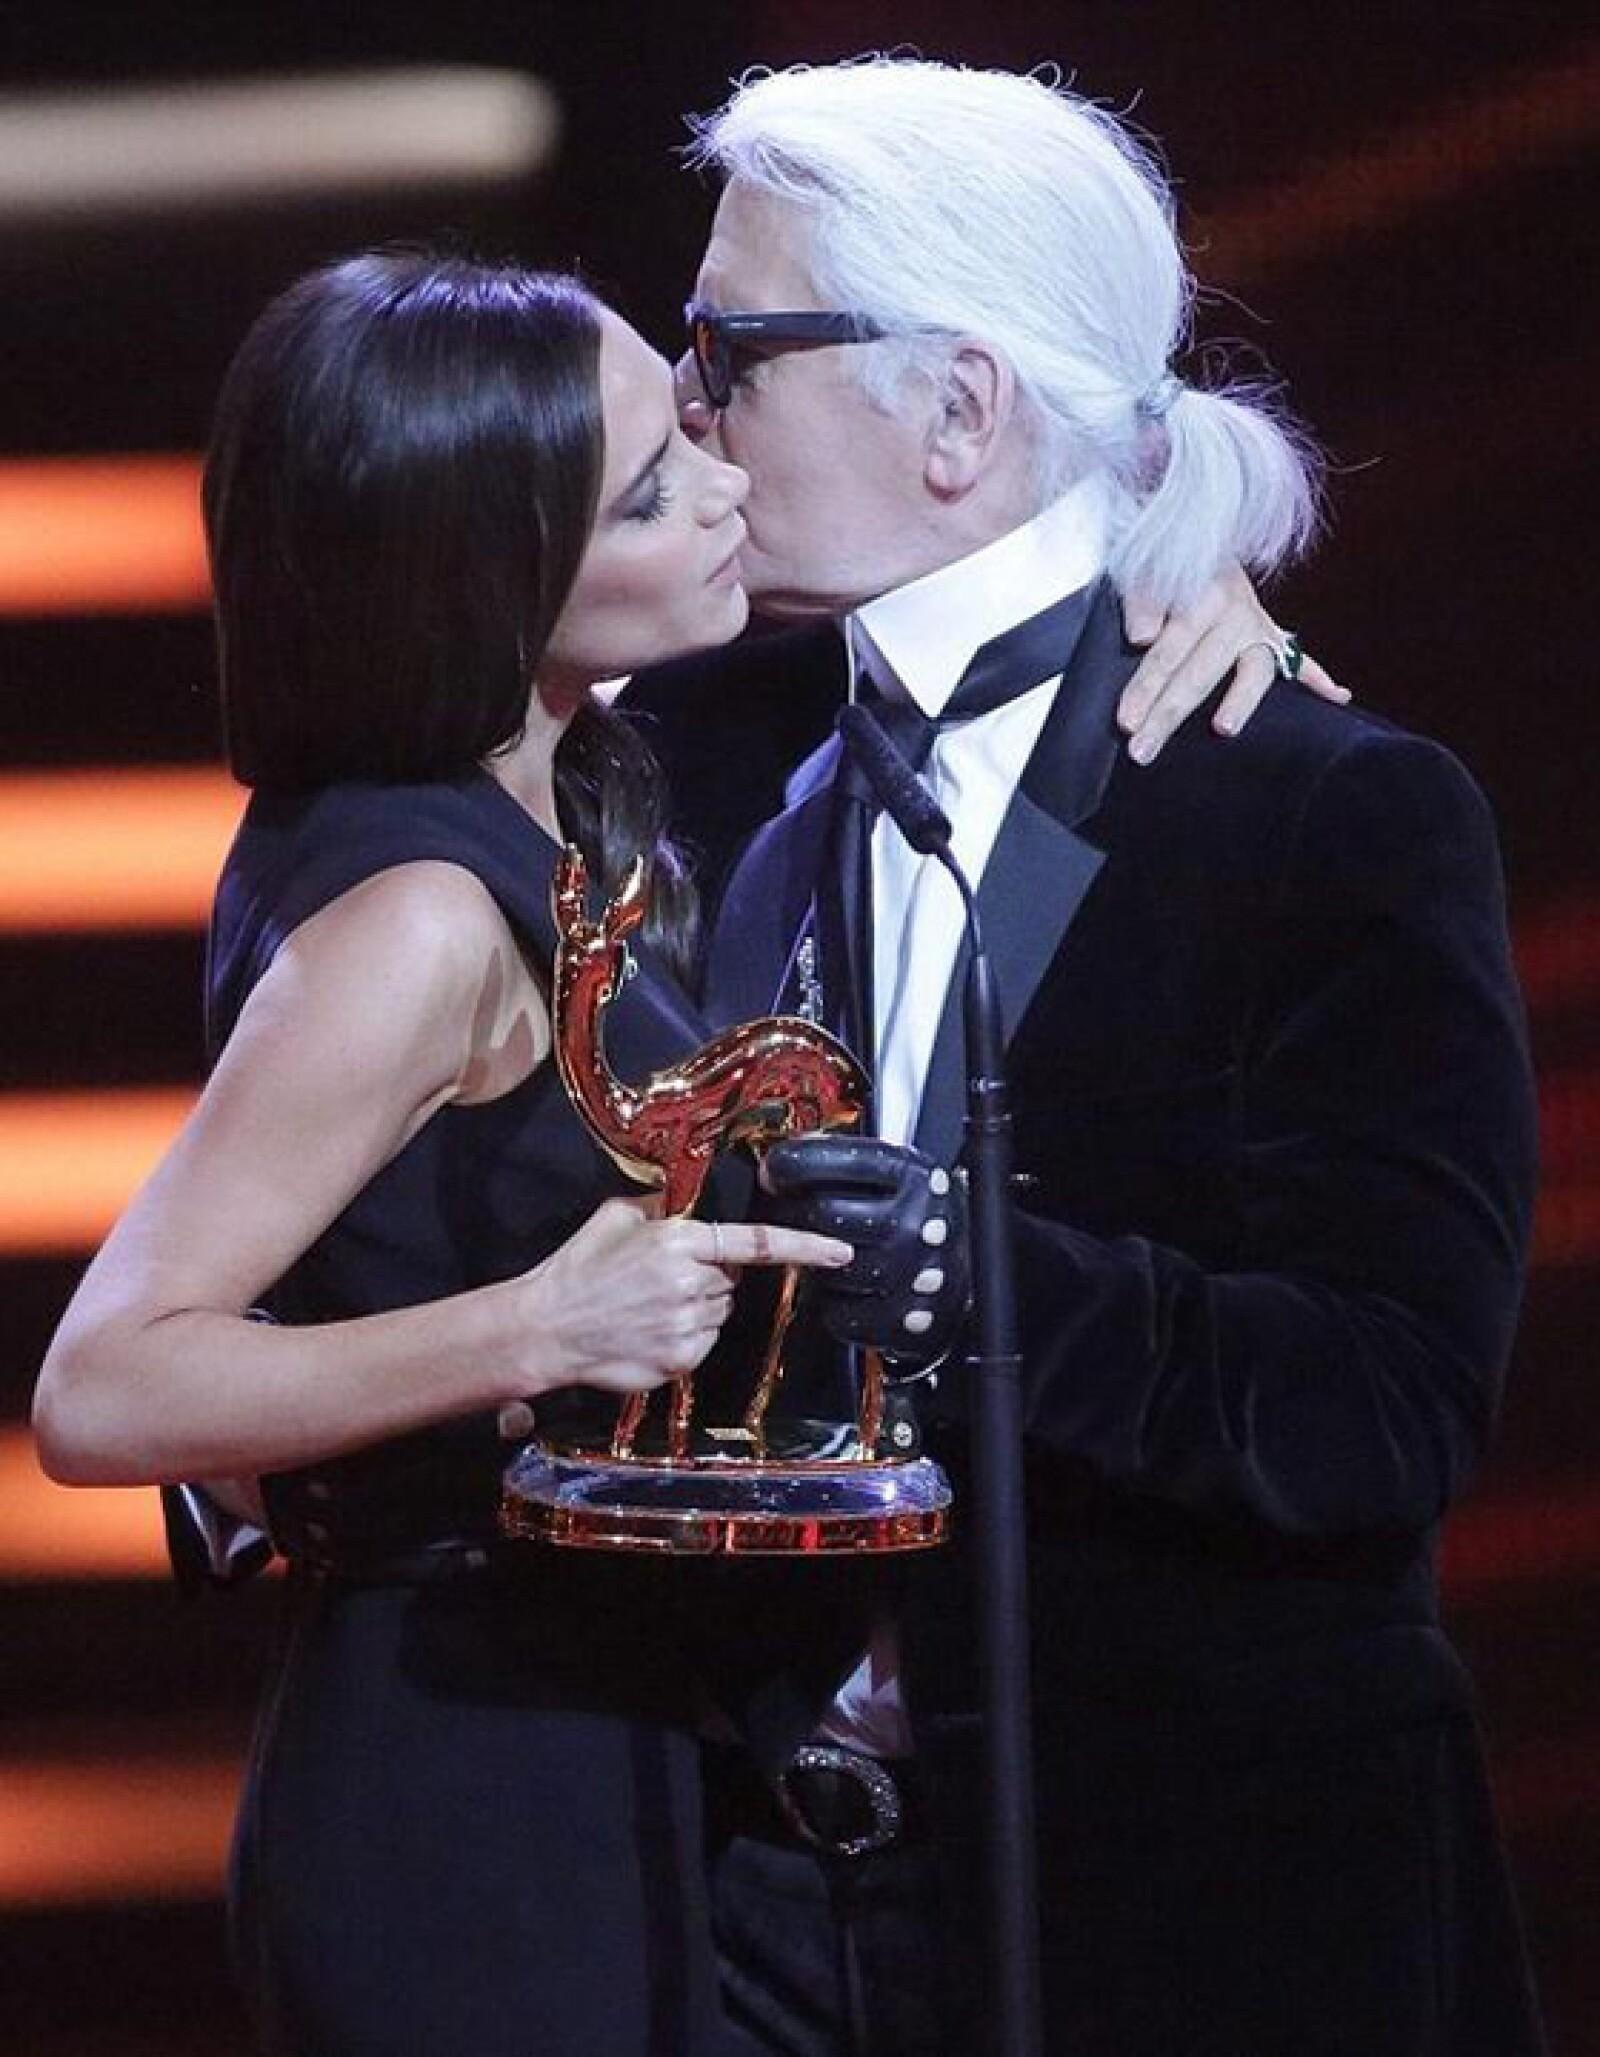 Uno de los momentos más importantes para ella. Recibir un reconocimiento de Karl Lagerfeld.